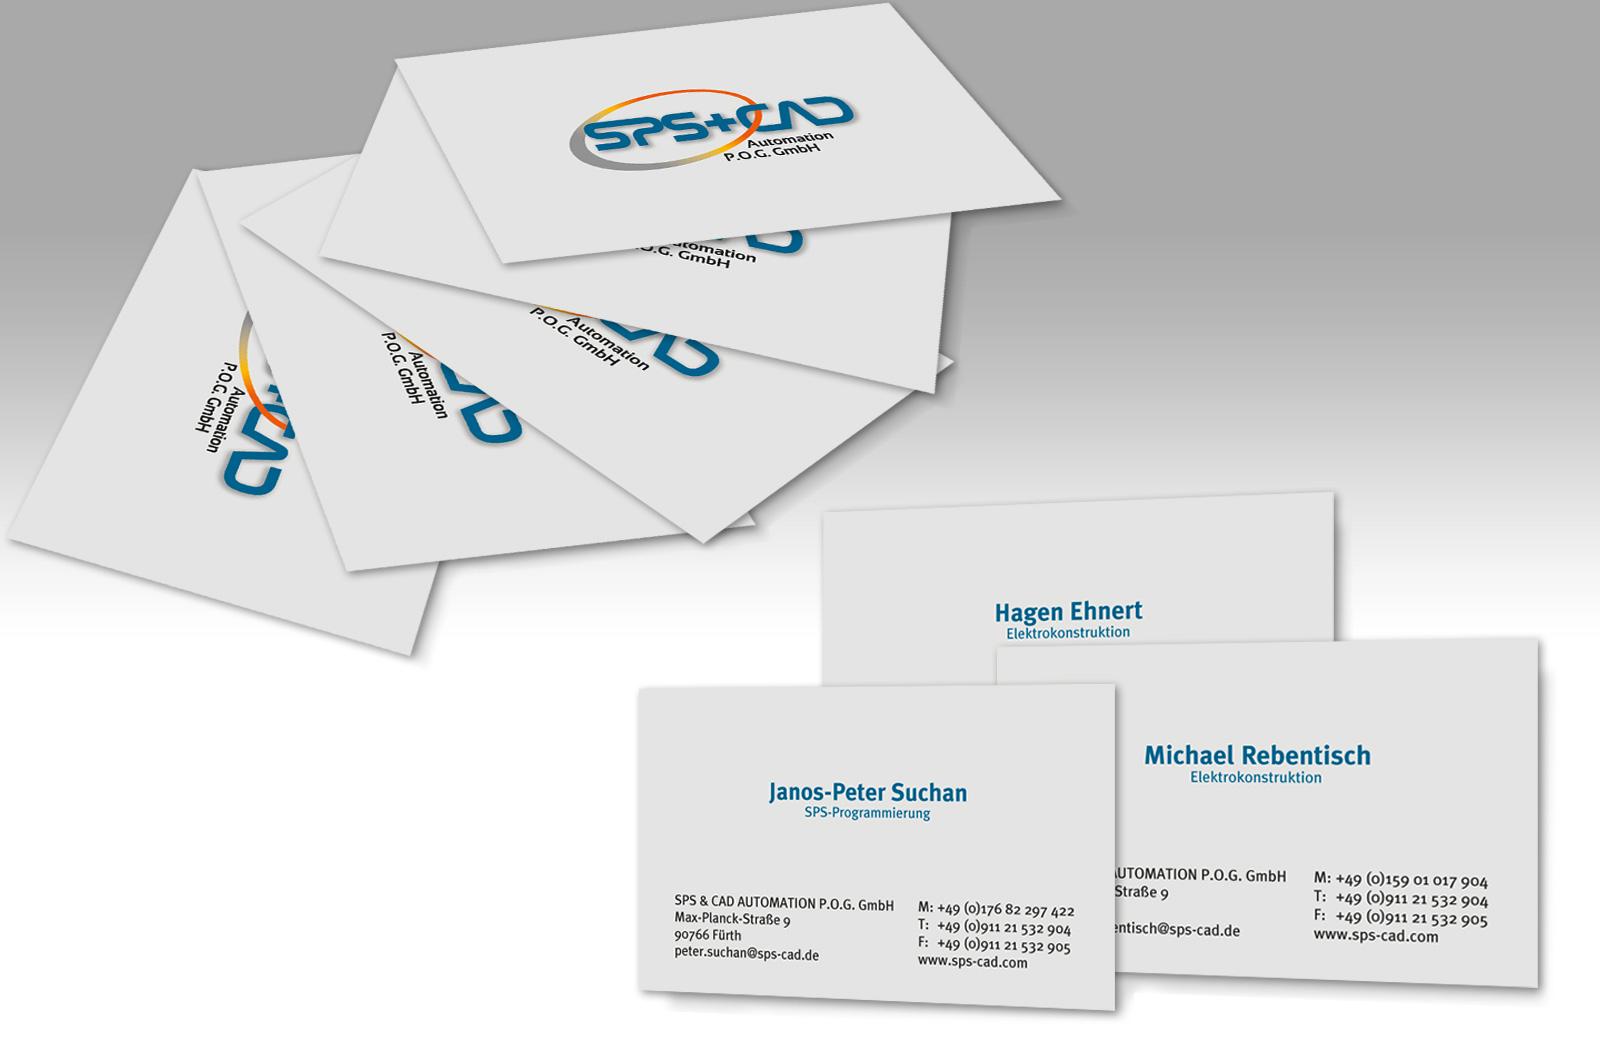 Visitenkarten Sps Cad Werbeagentur Focus Ihre